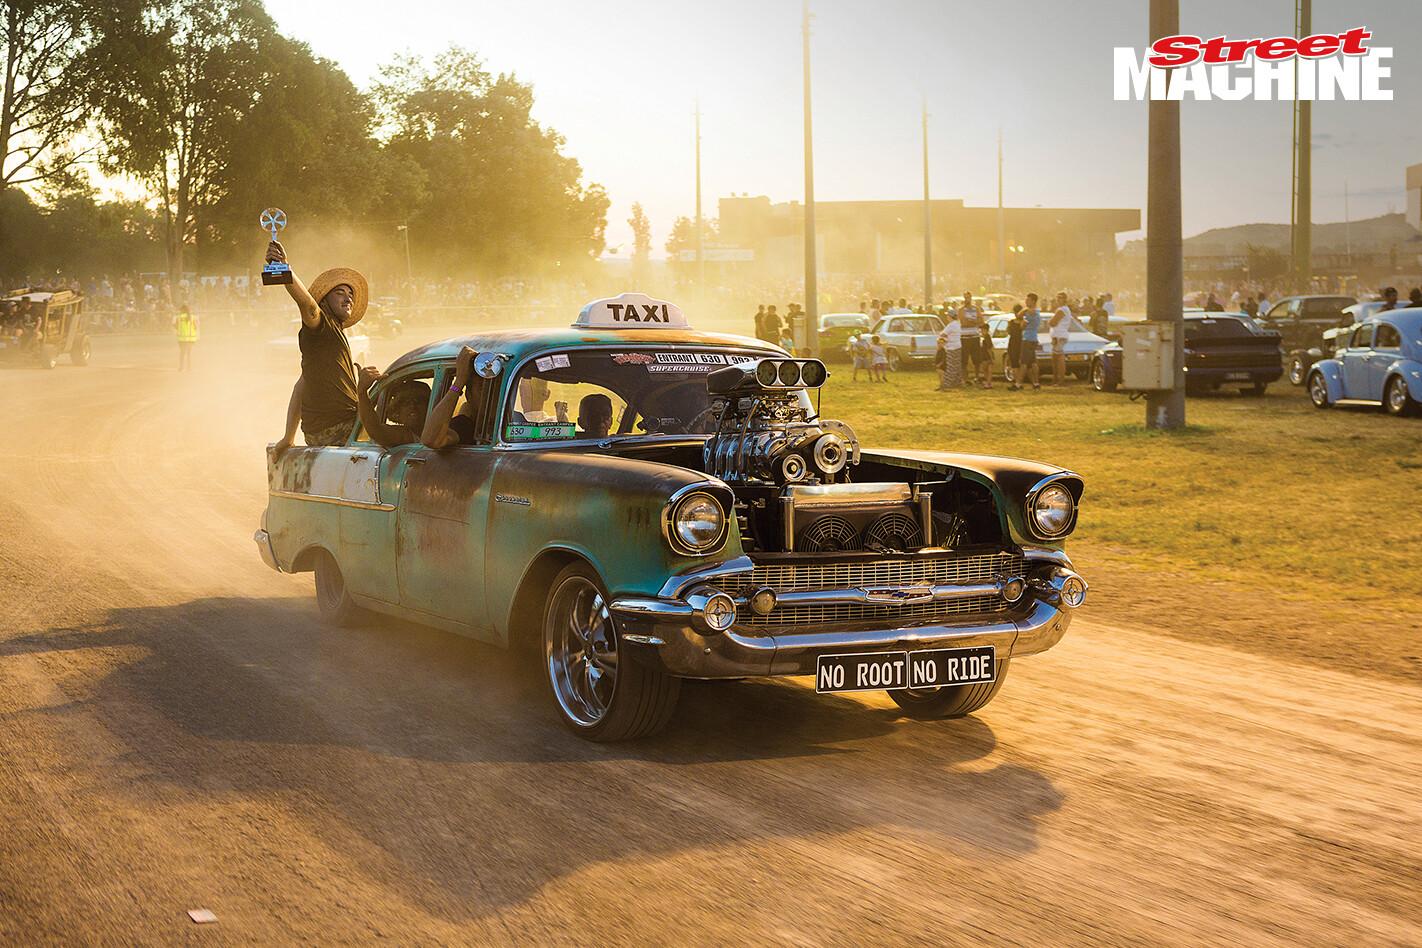 57 Chev Taxi Summernats